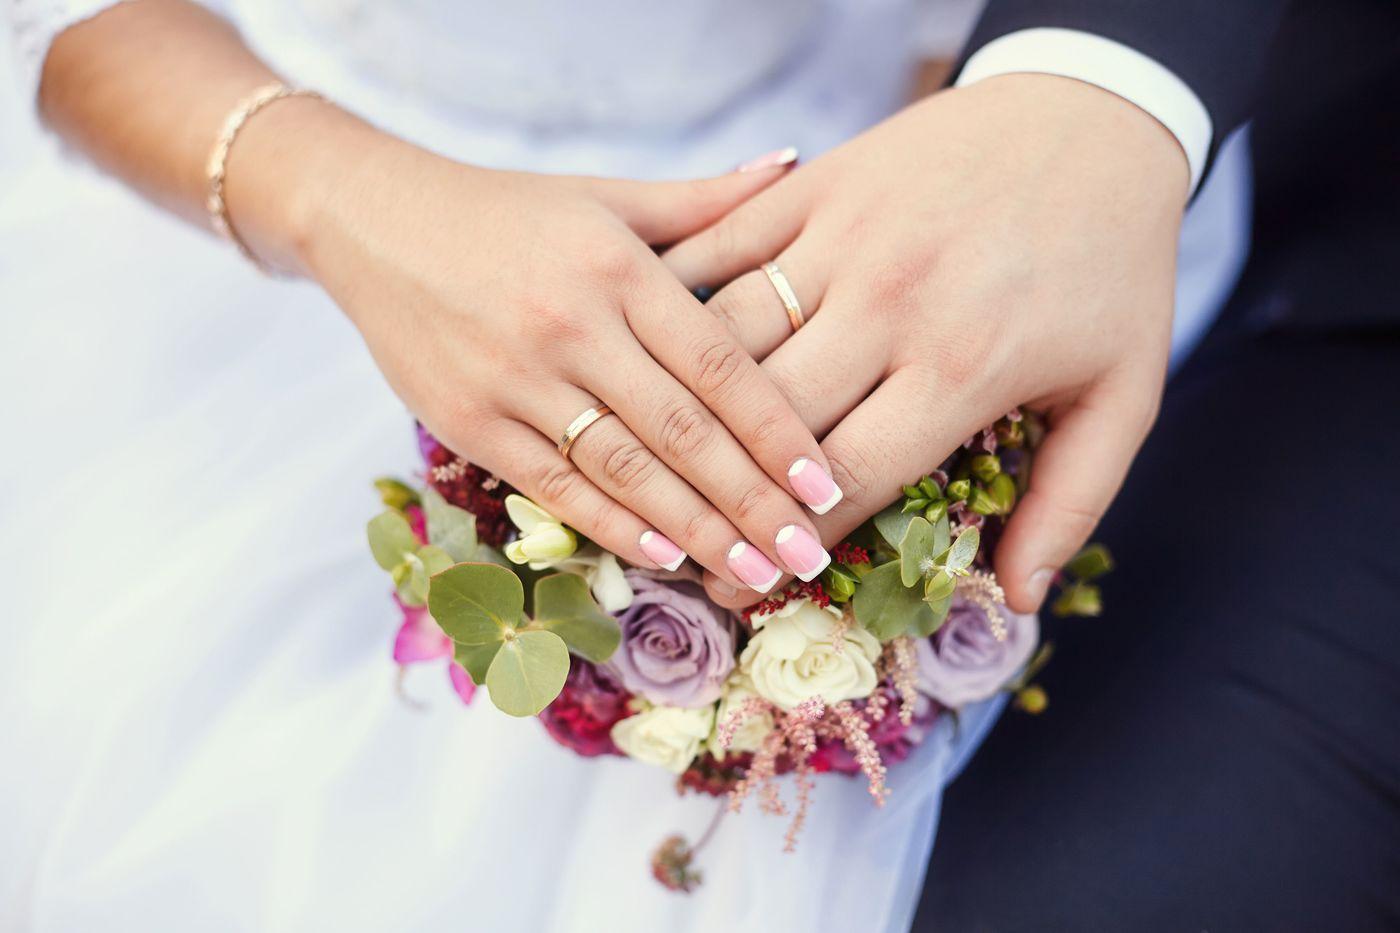 スピード婚を考えるなら必須!スピード婚の決め手やダメ男の見分け方の2枚目の画像